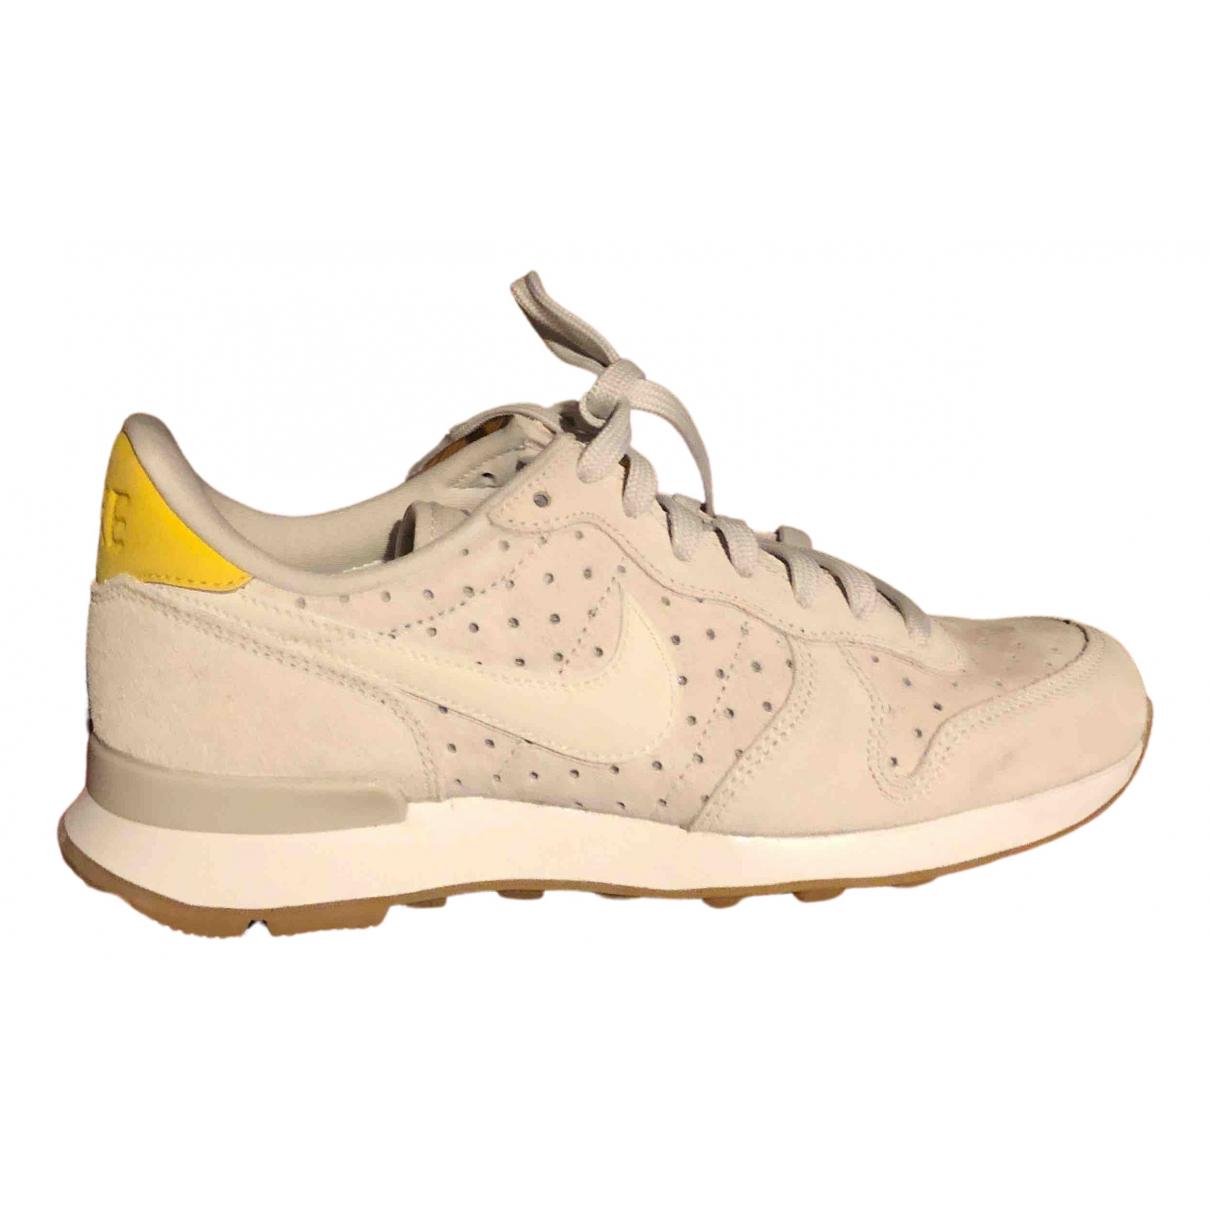 Nike Internationalist Beige Suede Trainers for Women 37.5 EU